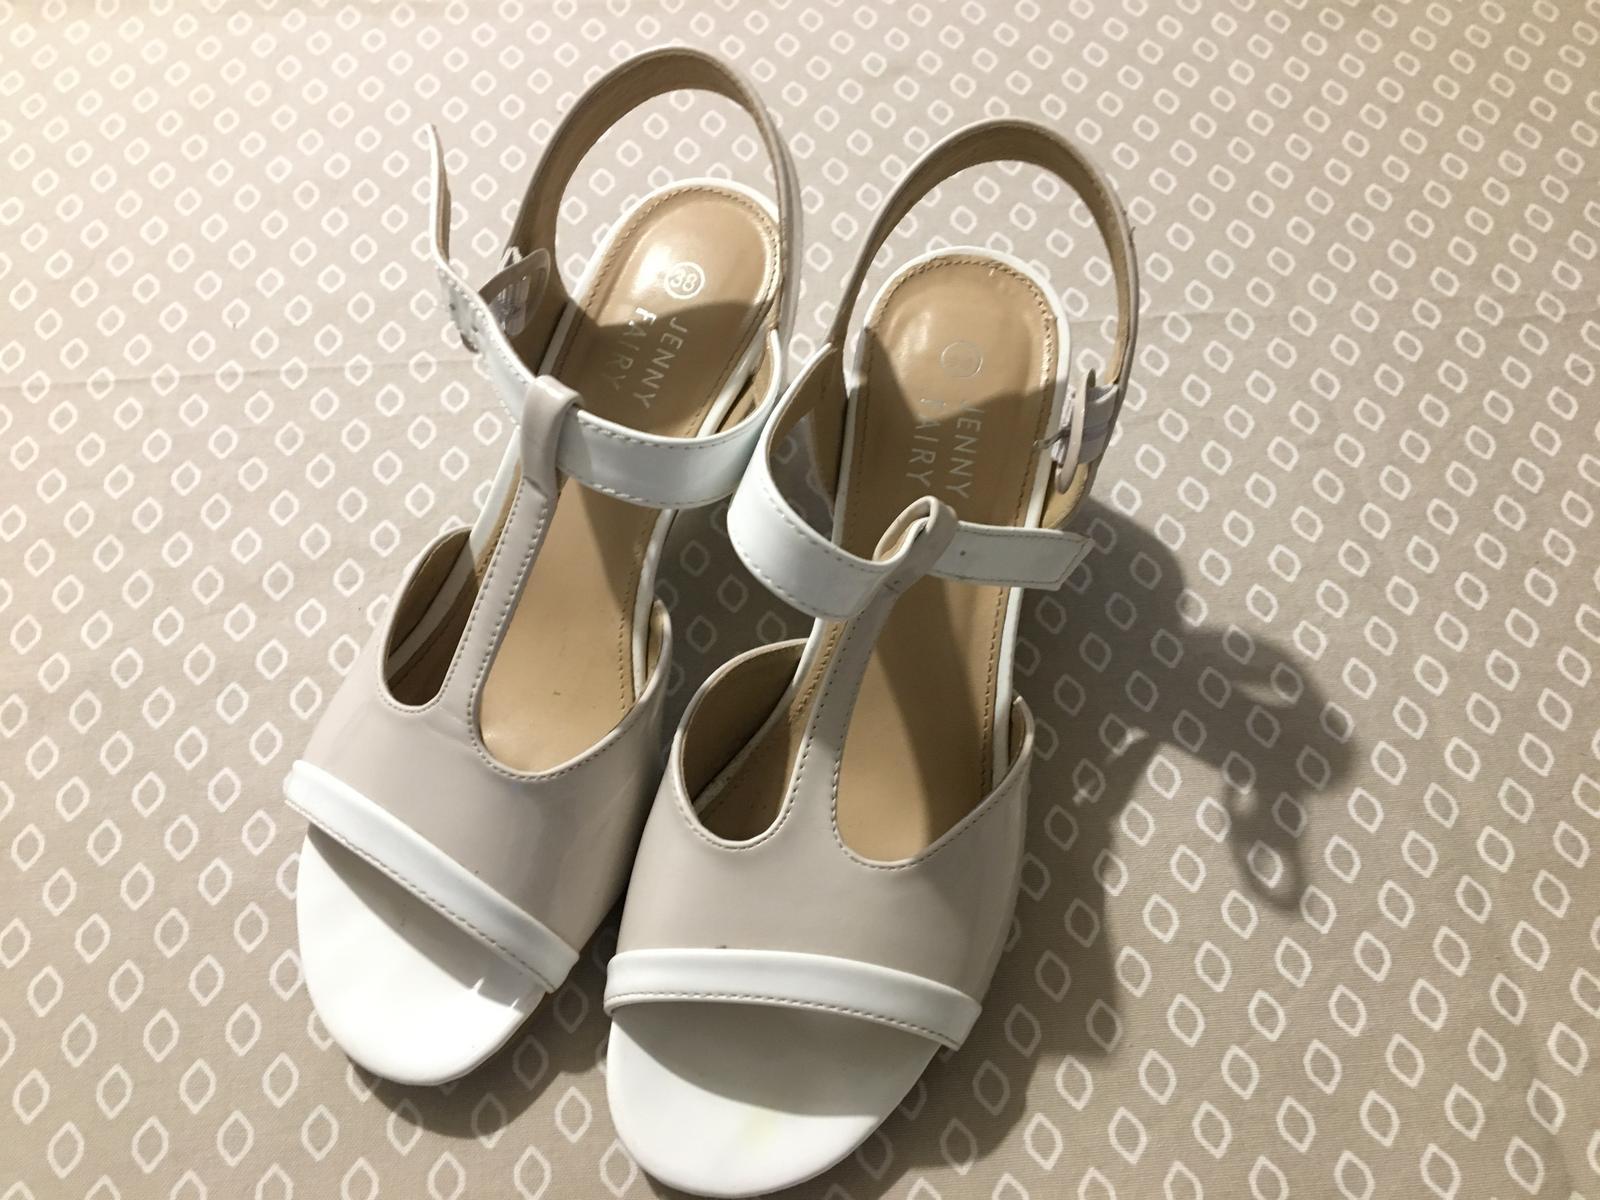 Svatební boty 38 široký podpatek - Obrázek č. 1